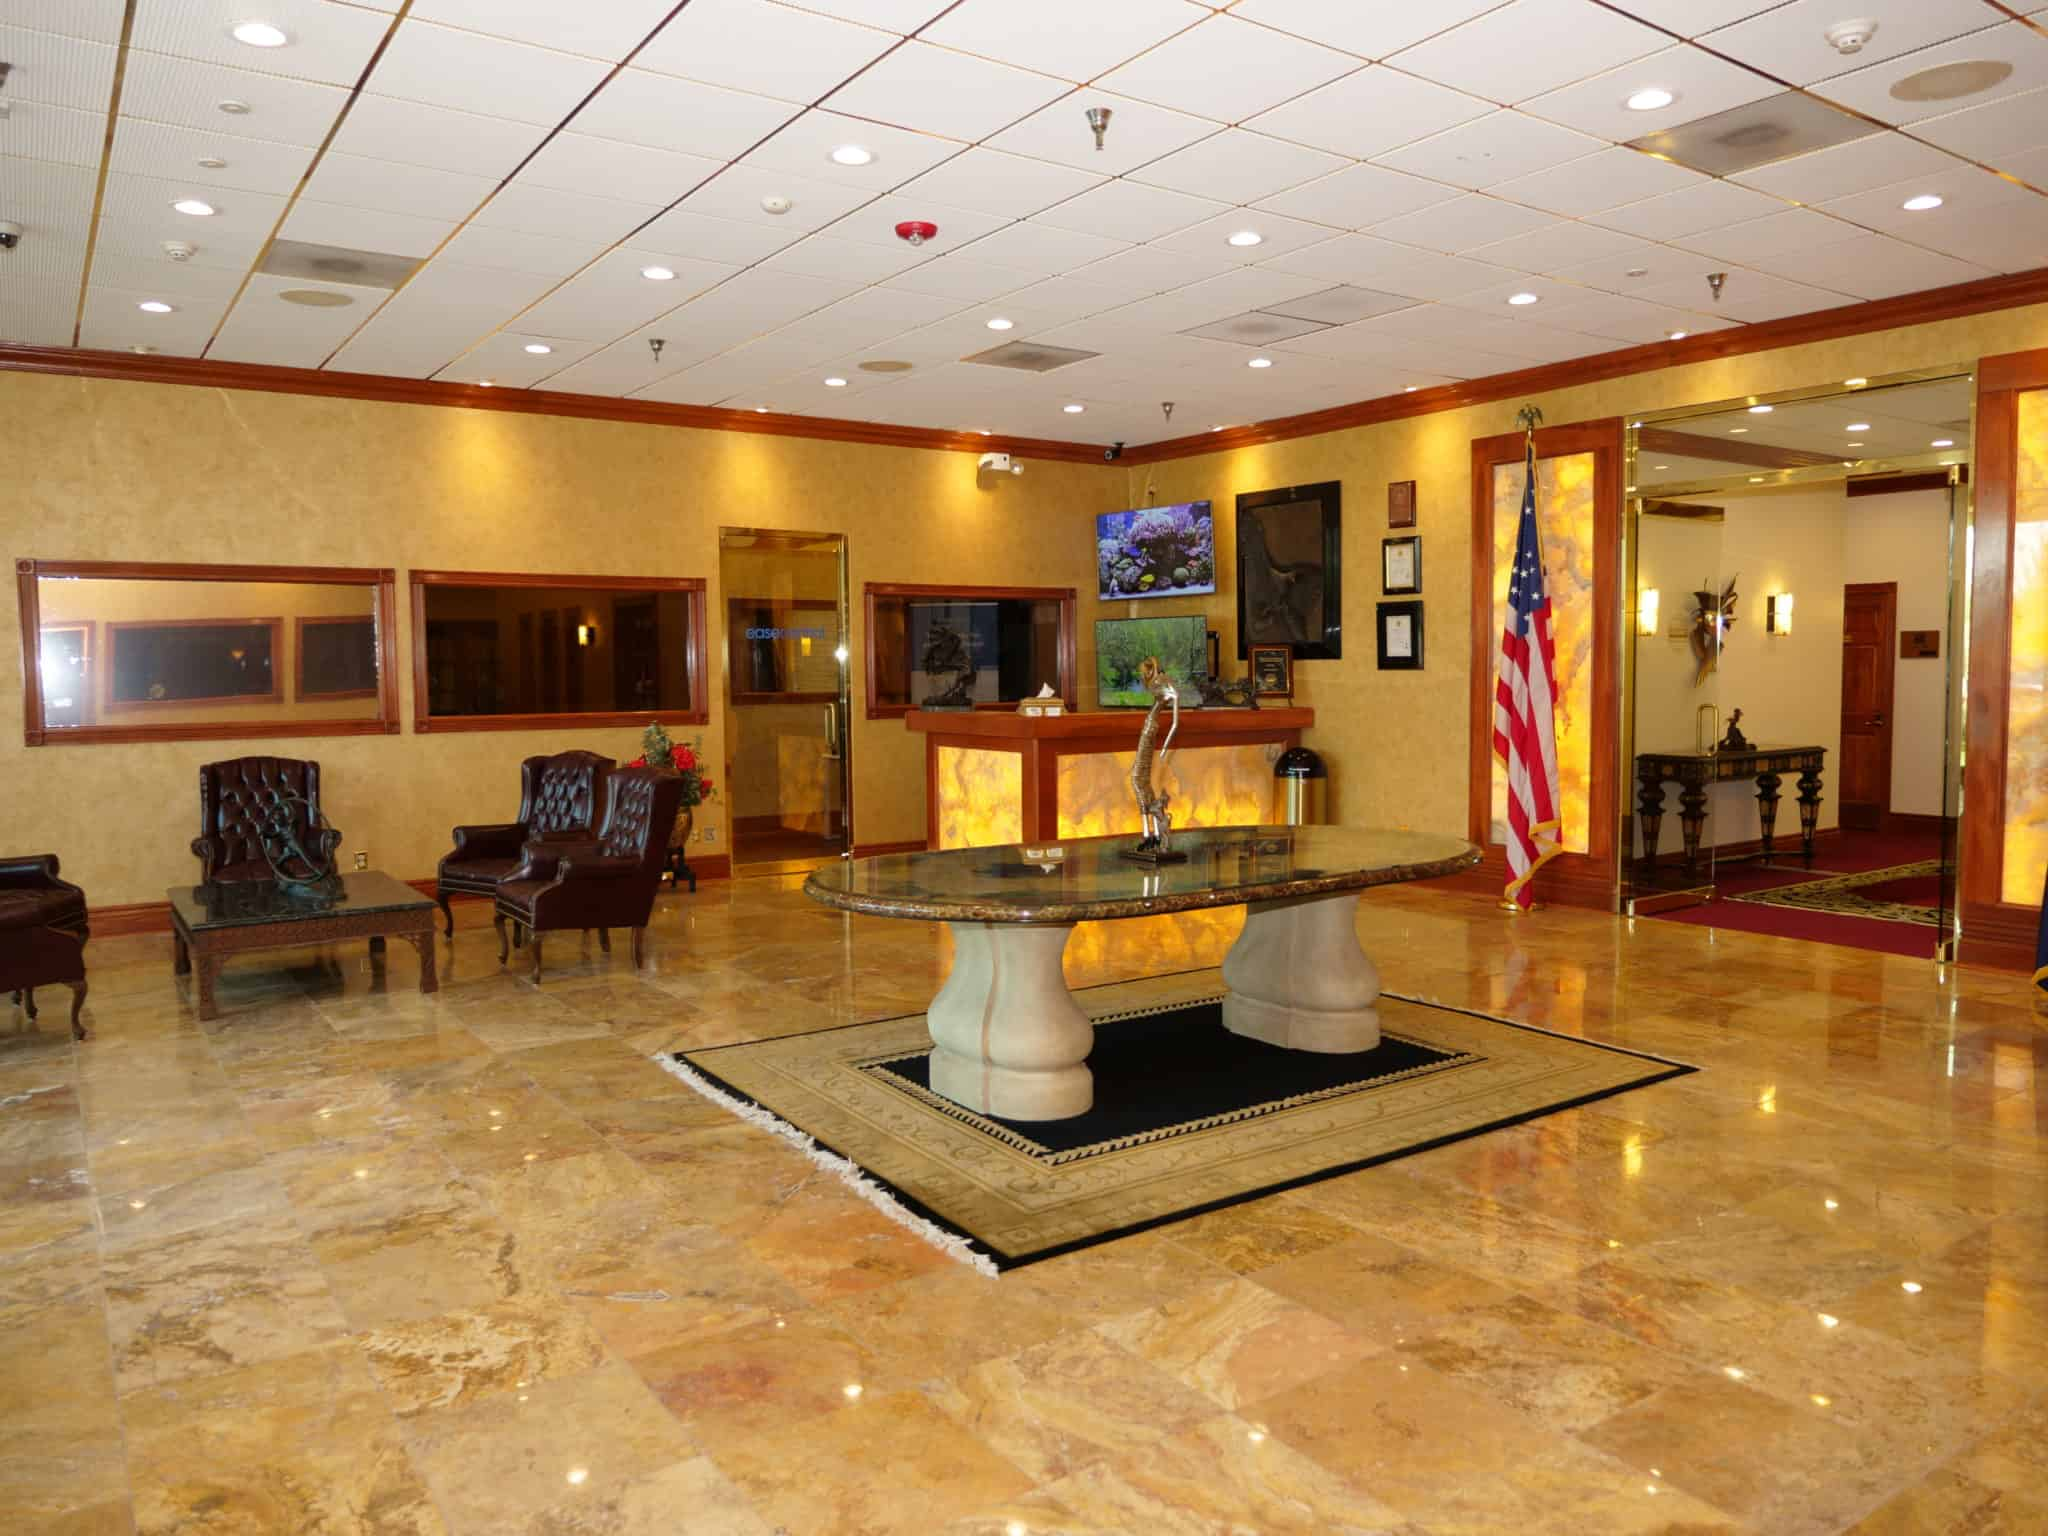 Office Business Center Lobby - Enterprise Center Omaha, NE